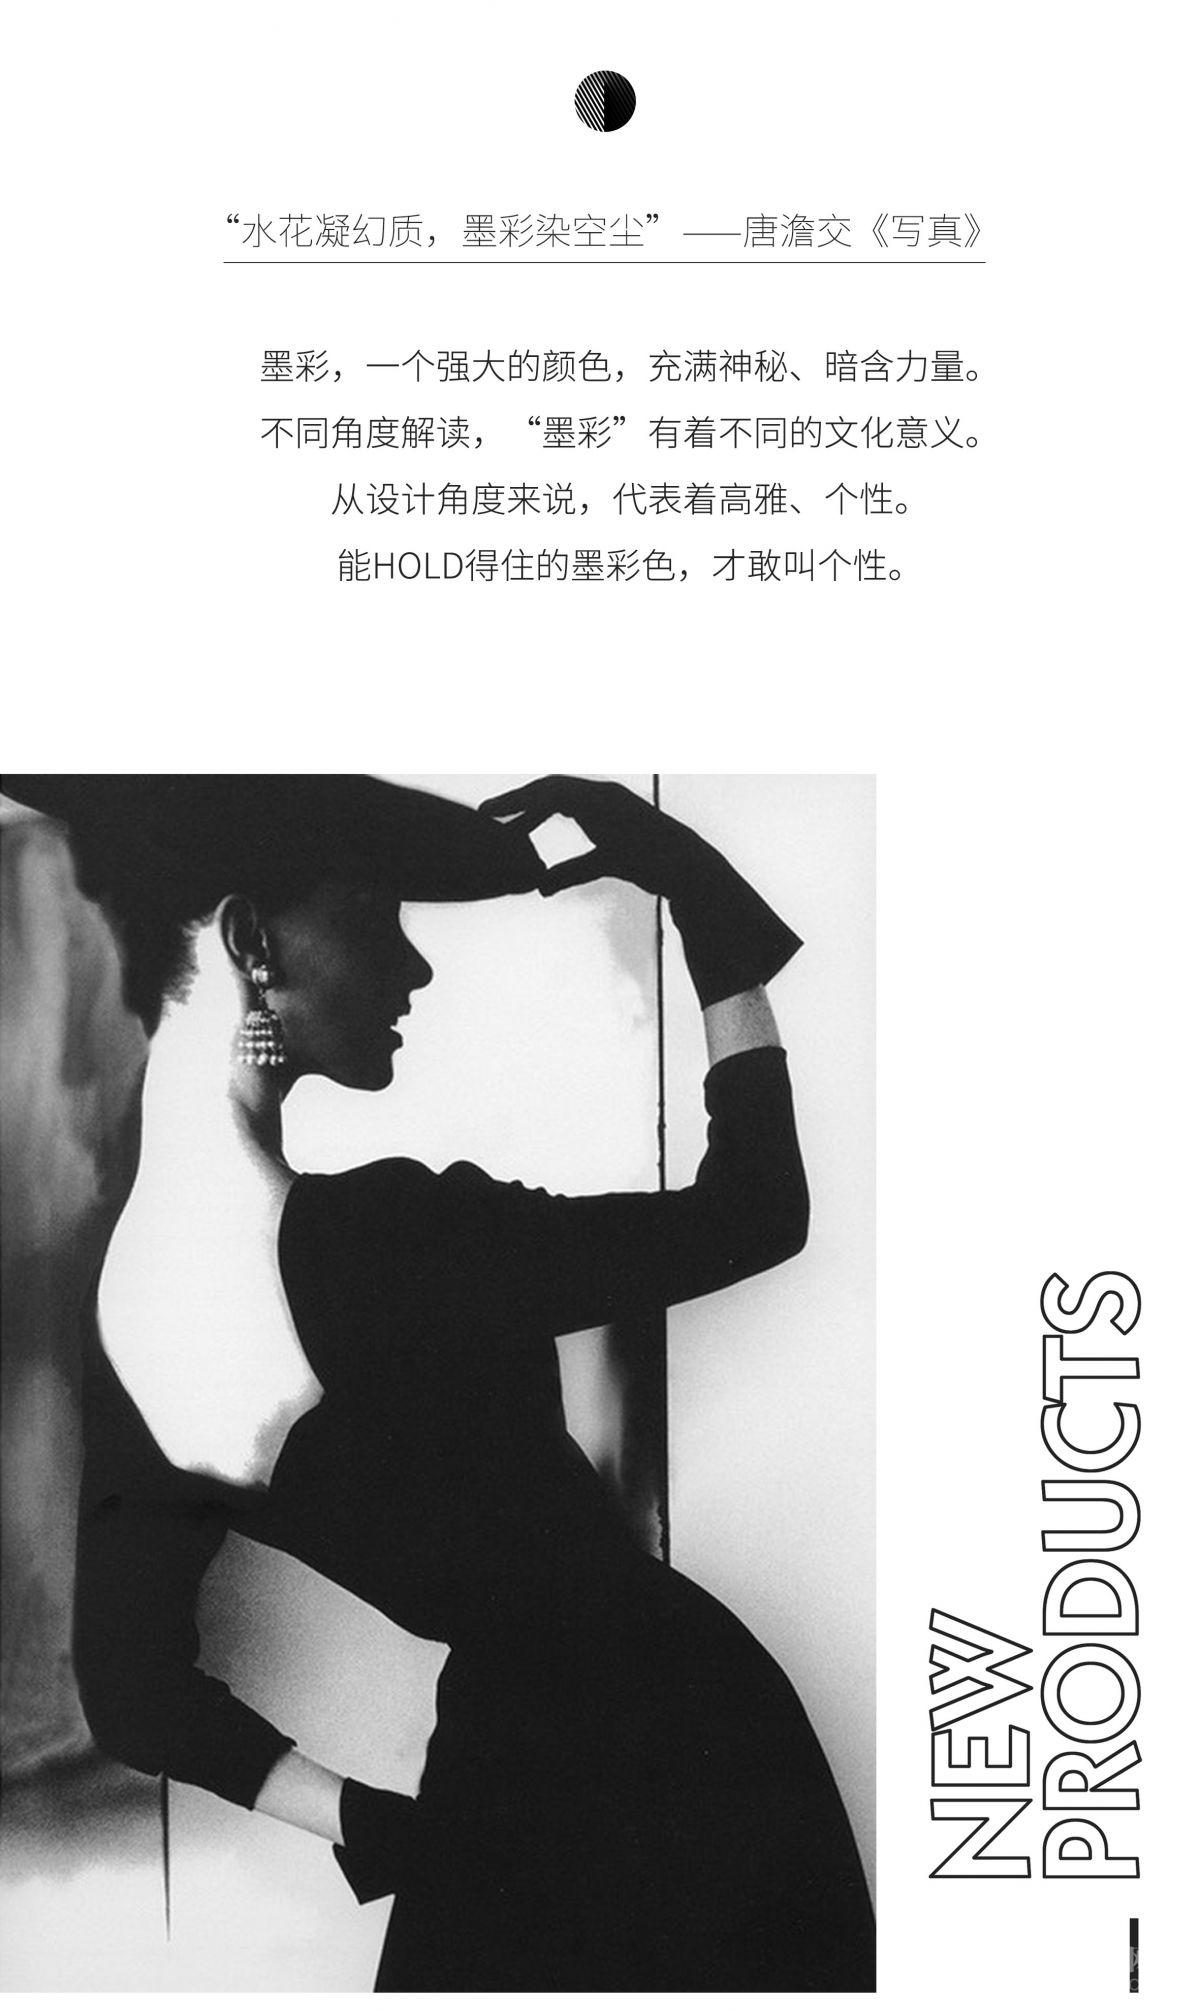 新品 卓遠·巖板瓷磚【墨彩】,王者的霸氣質感與潮流感!